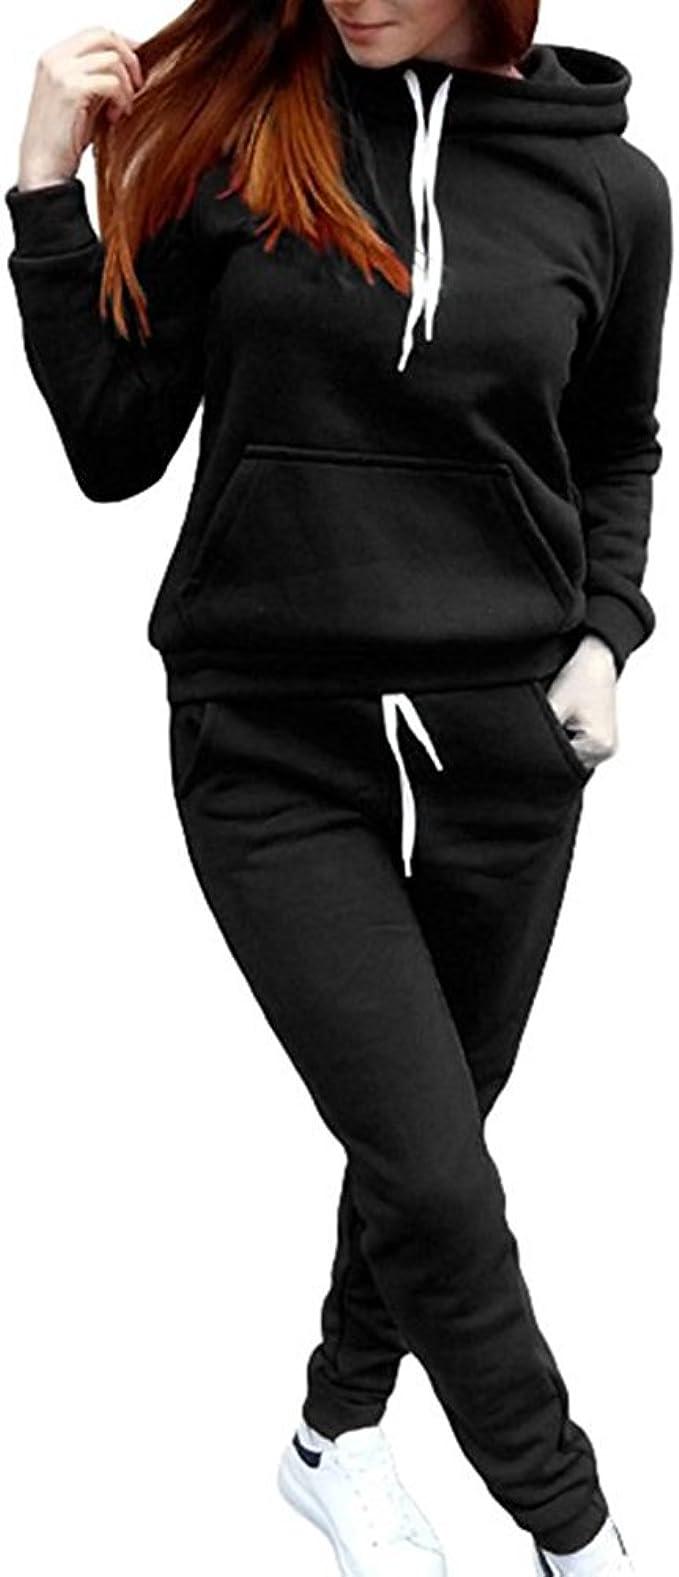 Donna 2 Pezzi Tuta da Ginnastica Manica Lunga Camicetta e Pantaloni Lungo Moda Tuta Jogging Training Sportiva Casual Abbigliamento Sportivo